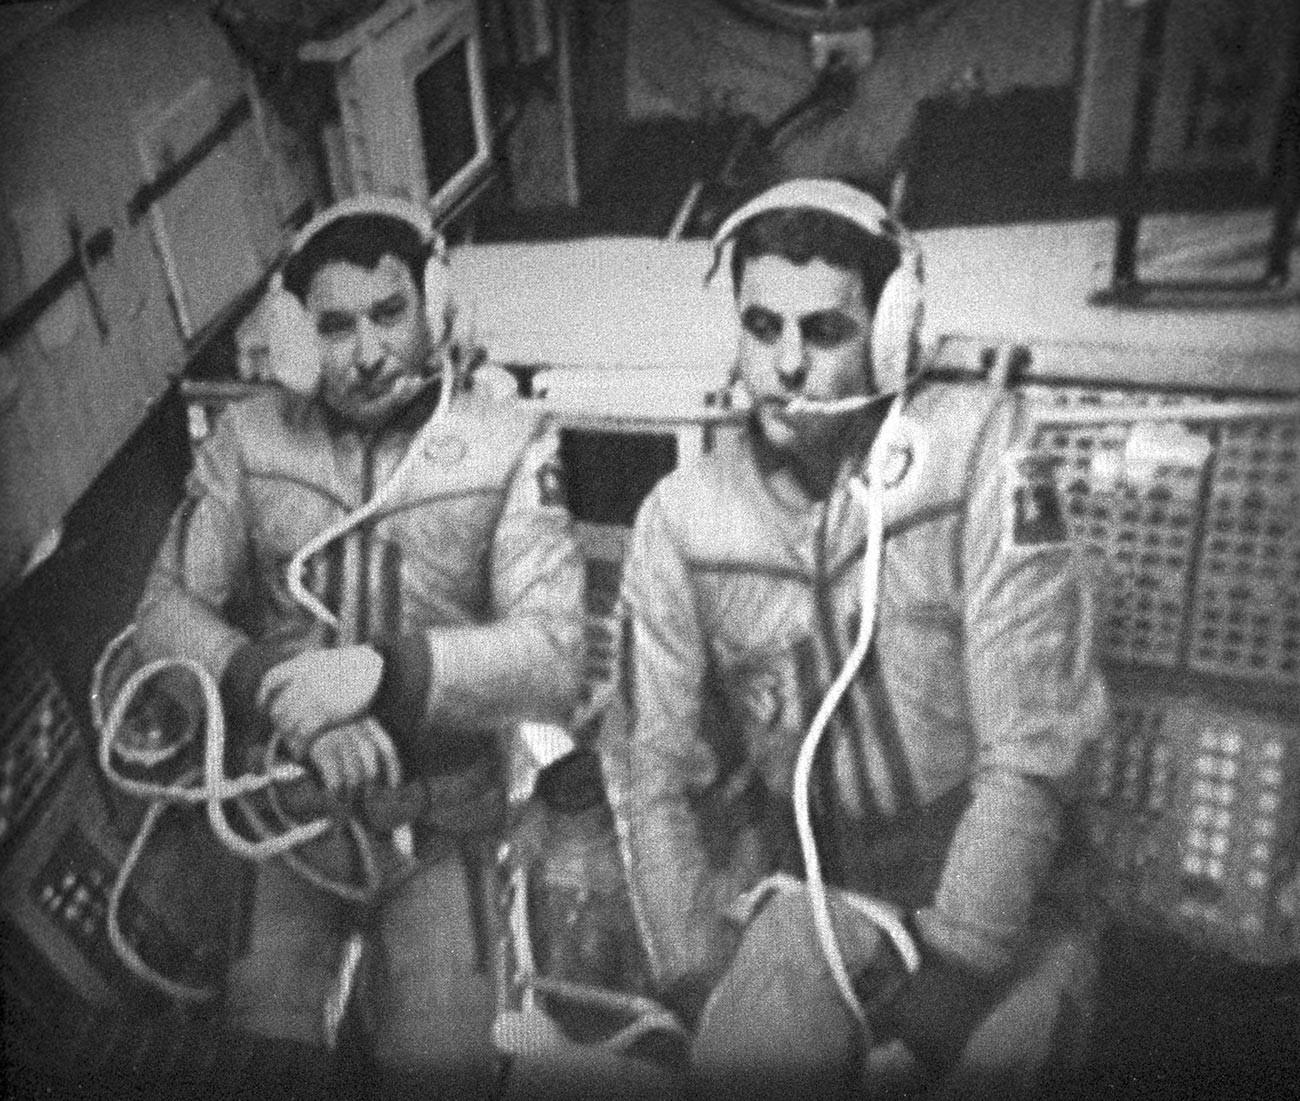 Les cosmonautes Leonid Kizim et Vladimir Soloviov, héros de l'URSS, au sein de la station Mir